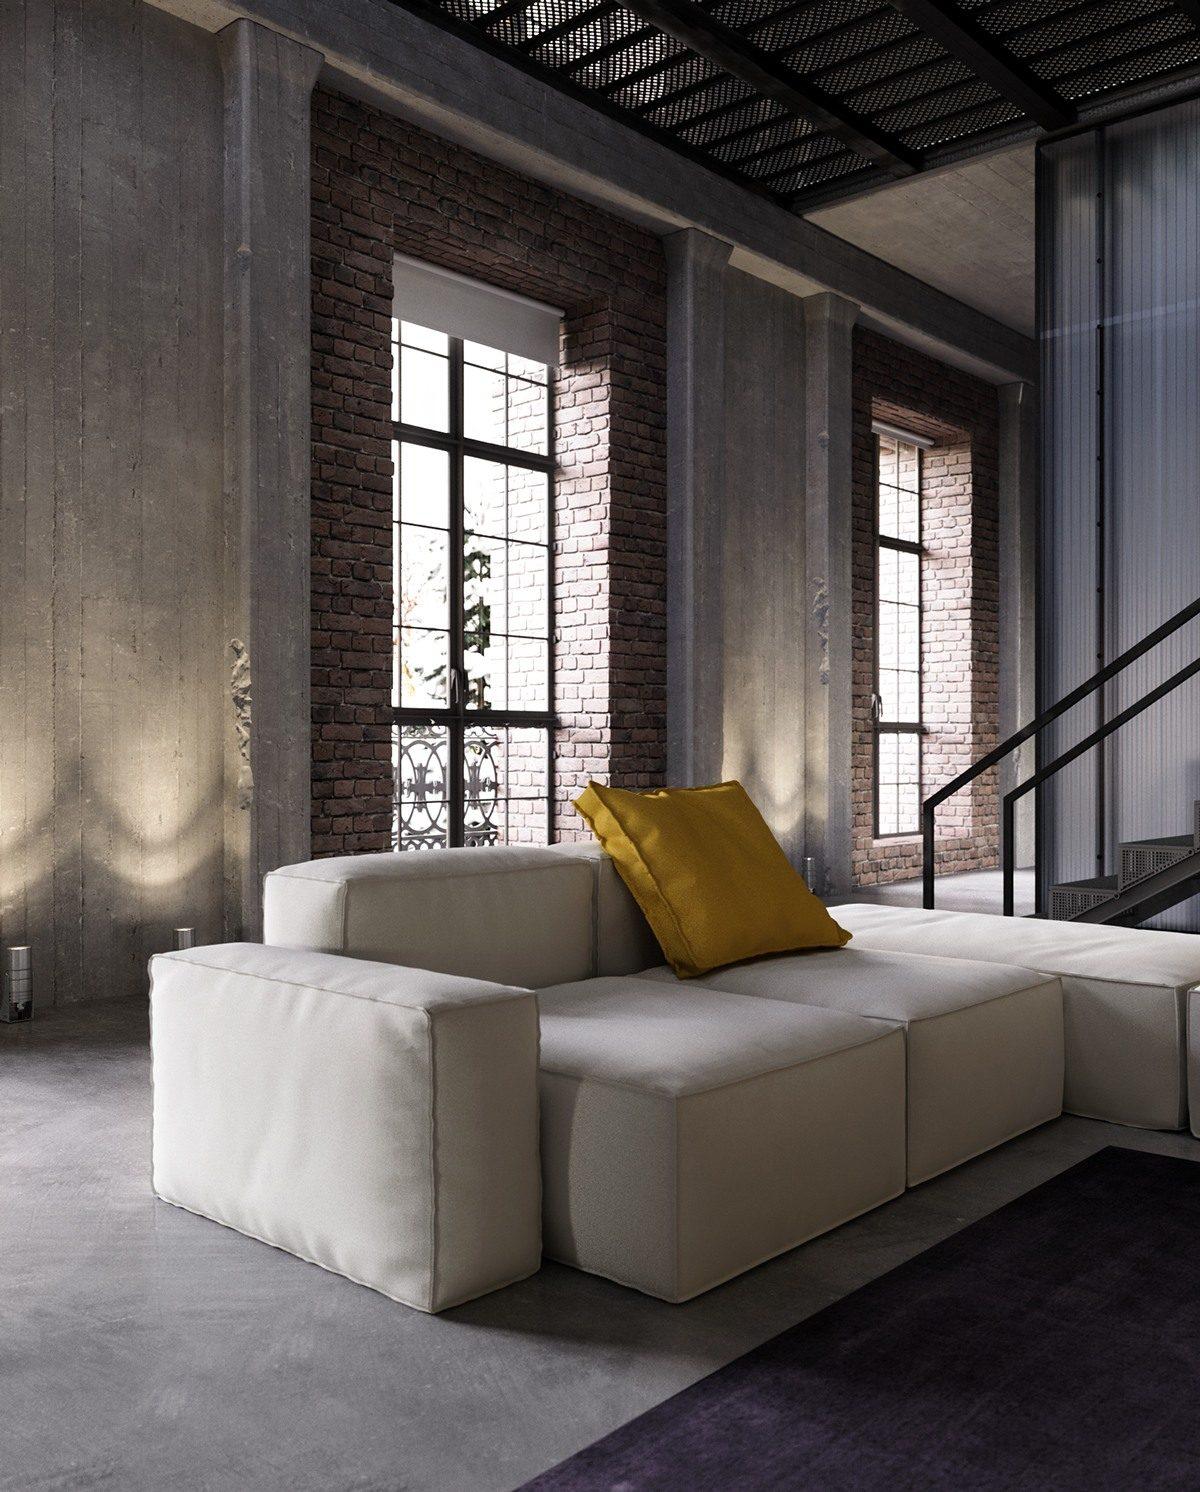 2modern-modular-sofa